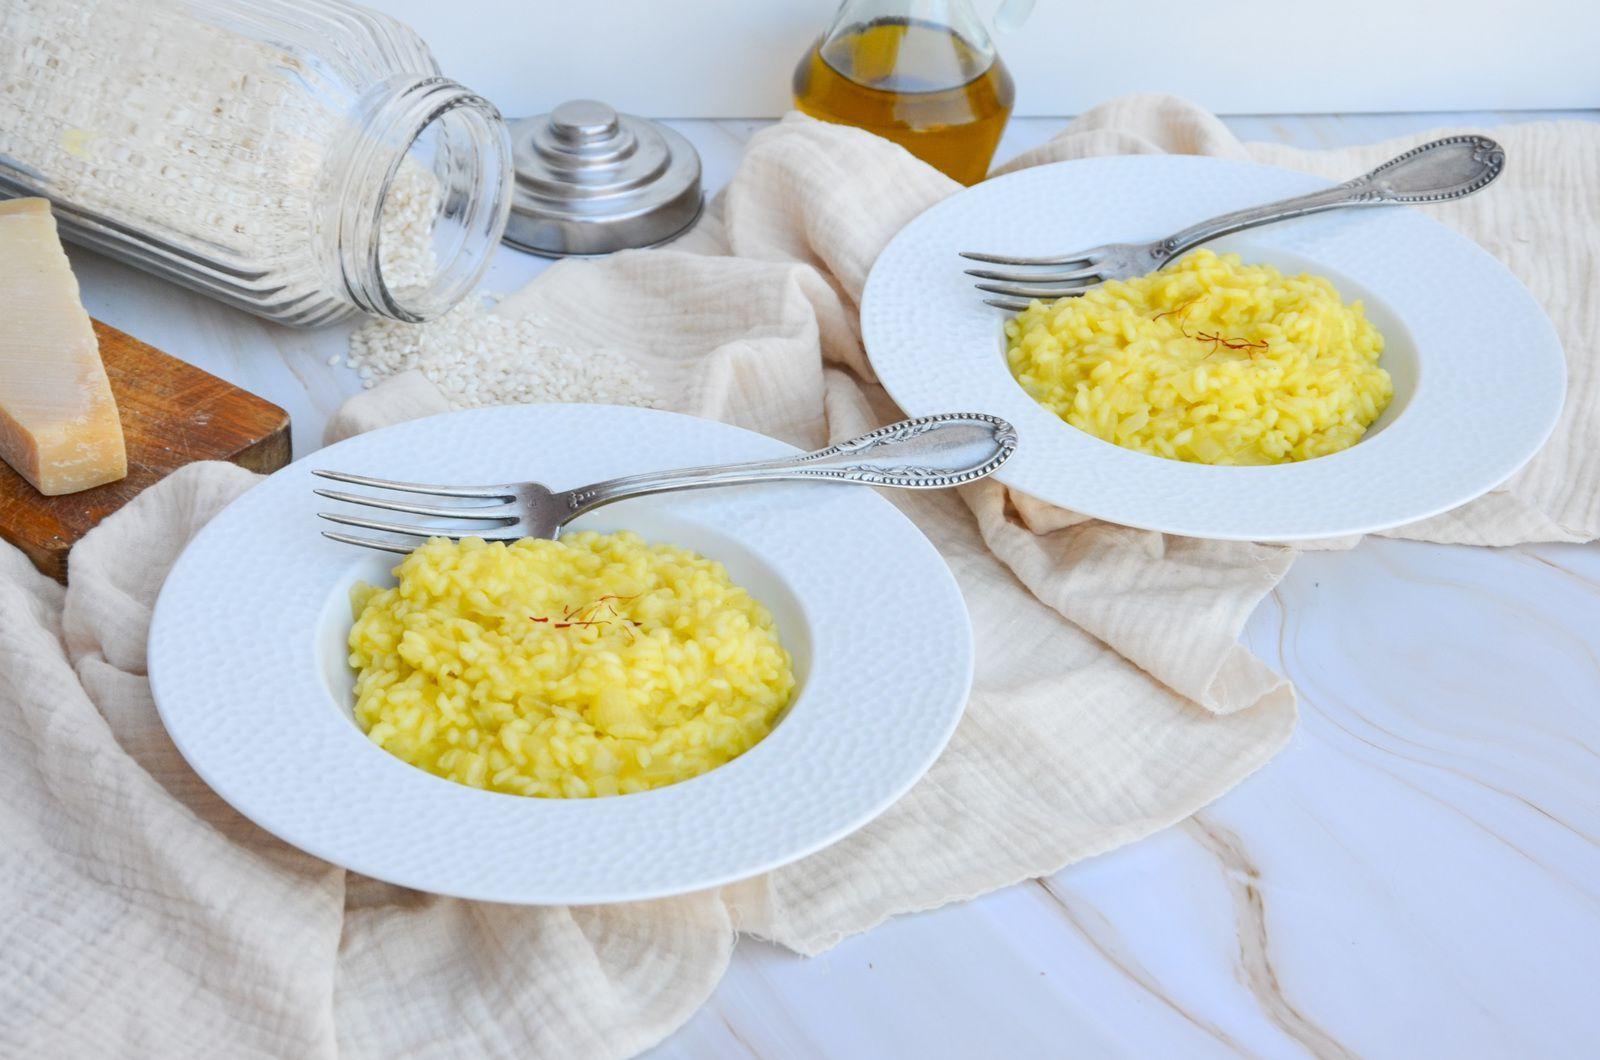 Le Risotto A La Milanaise Un Grand Classique De La Cuisine Italienne Que J Adore Preparer La Recette N Est Pas En 2020 Recettes De Cuisine Cuisine Italienne Cuisine